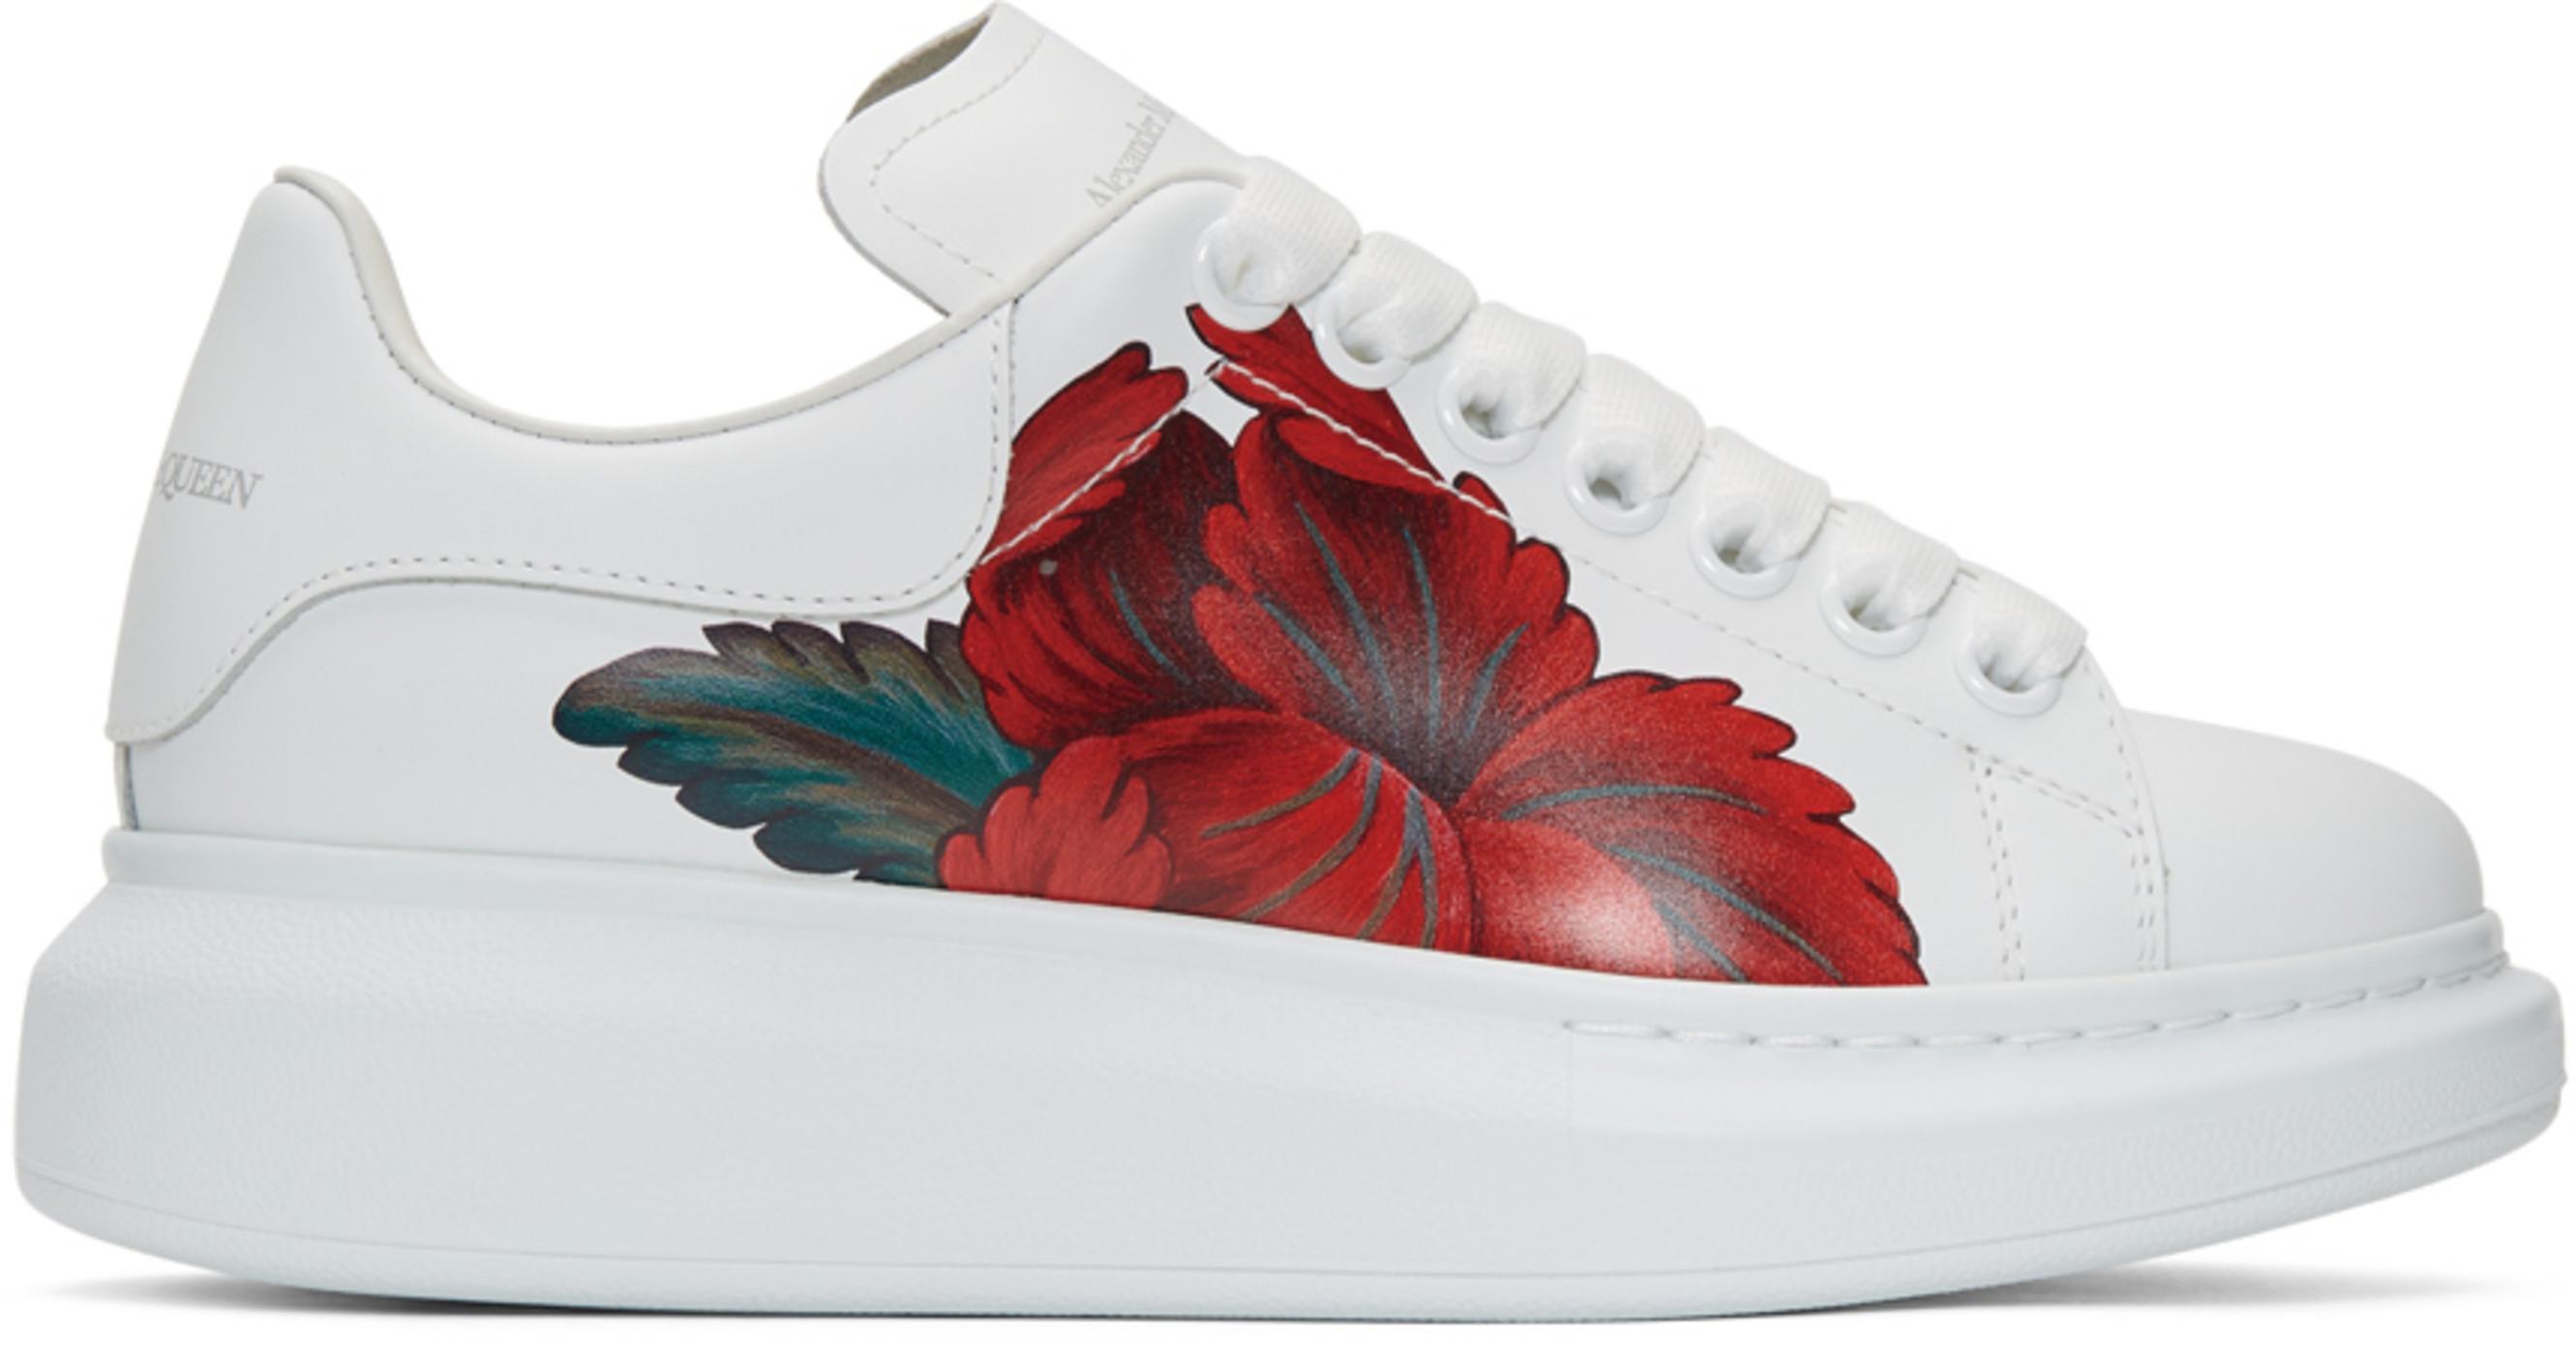 83d02653f89b Alexander Mcqueen shoes for Women